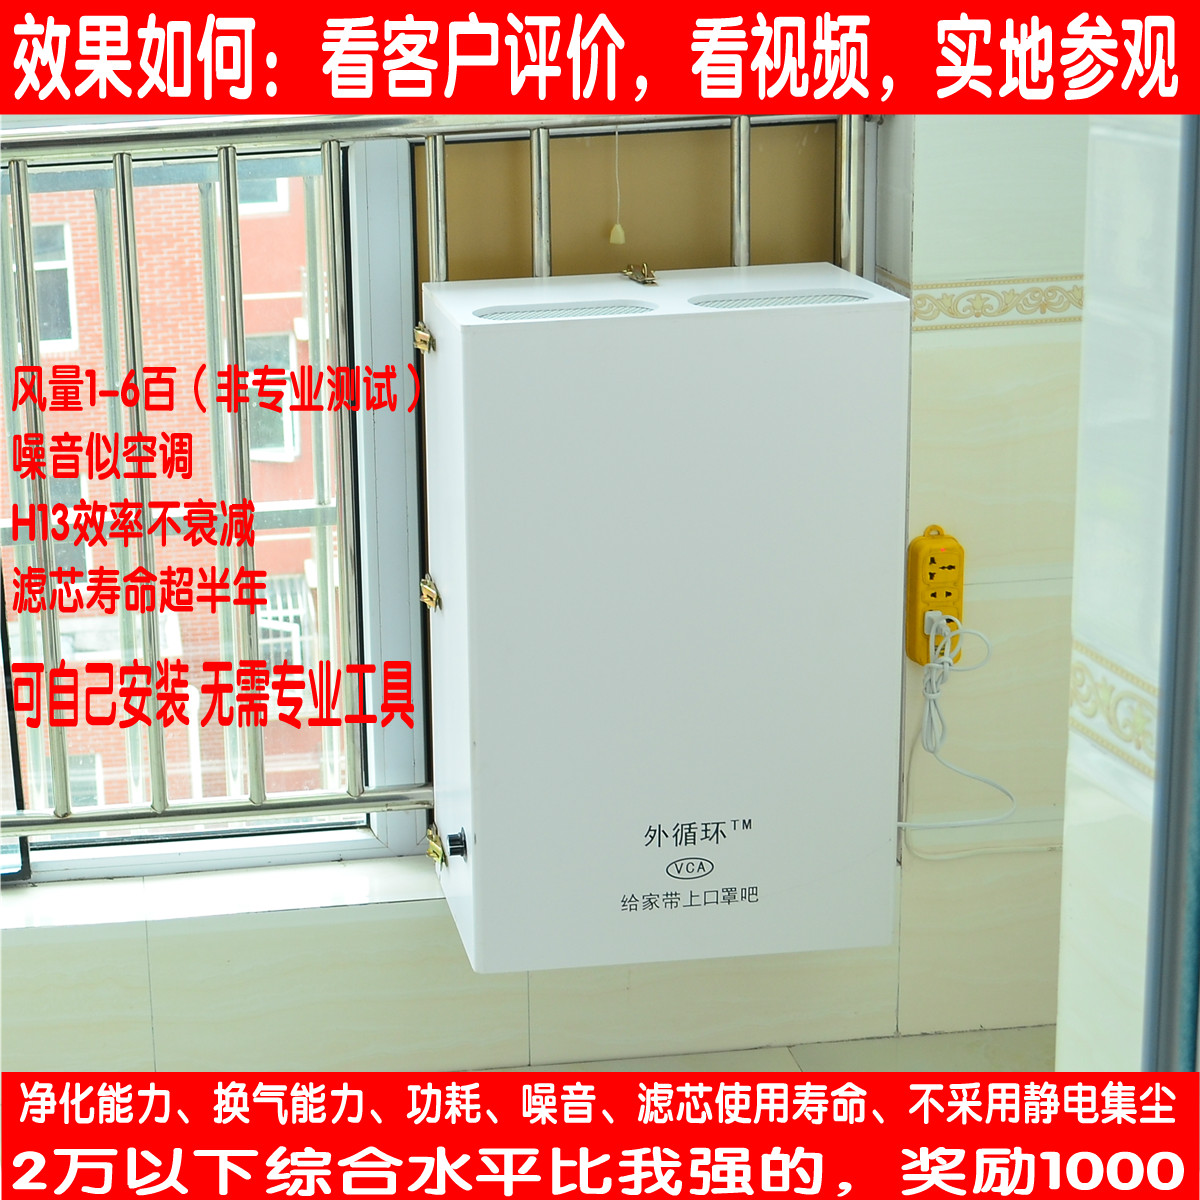 [流光溢彩购物广场空气净化,氧吧]新风系统空气净化器进风挡板/替换玻璃月销量0件仅售63.6元